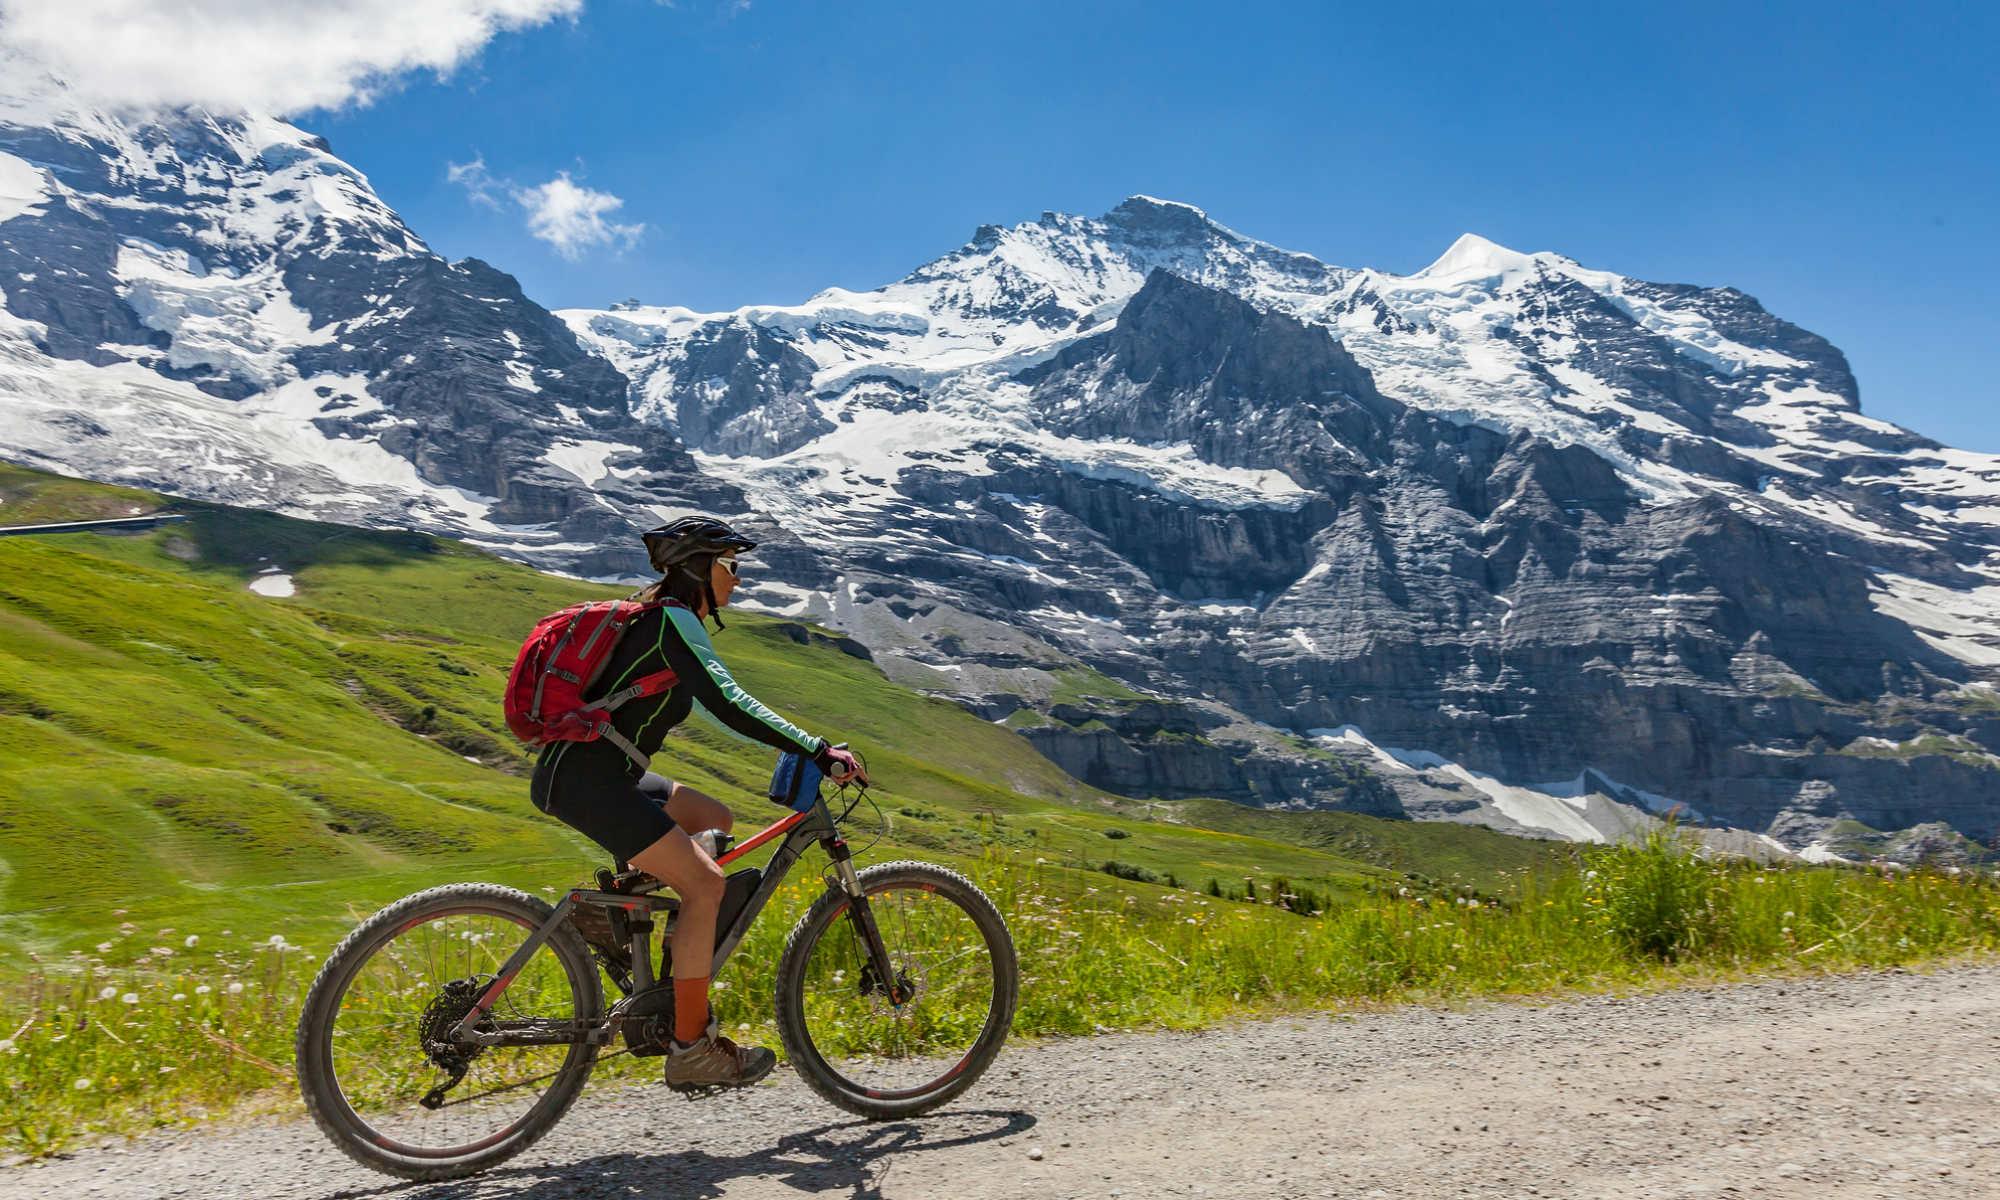 Eine Frau beim Mountainbiken vor einem alpinen Bergpanorama.